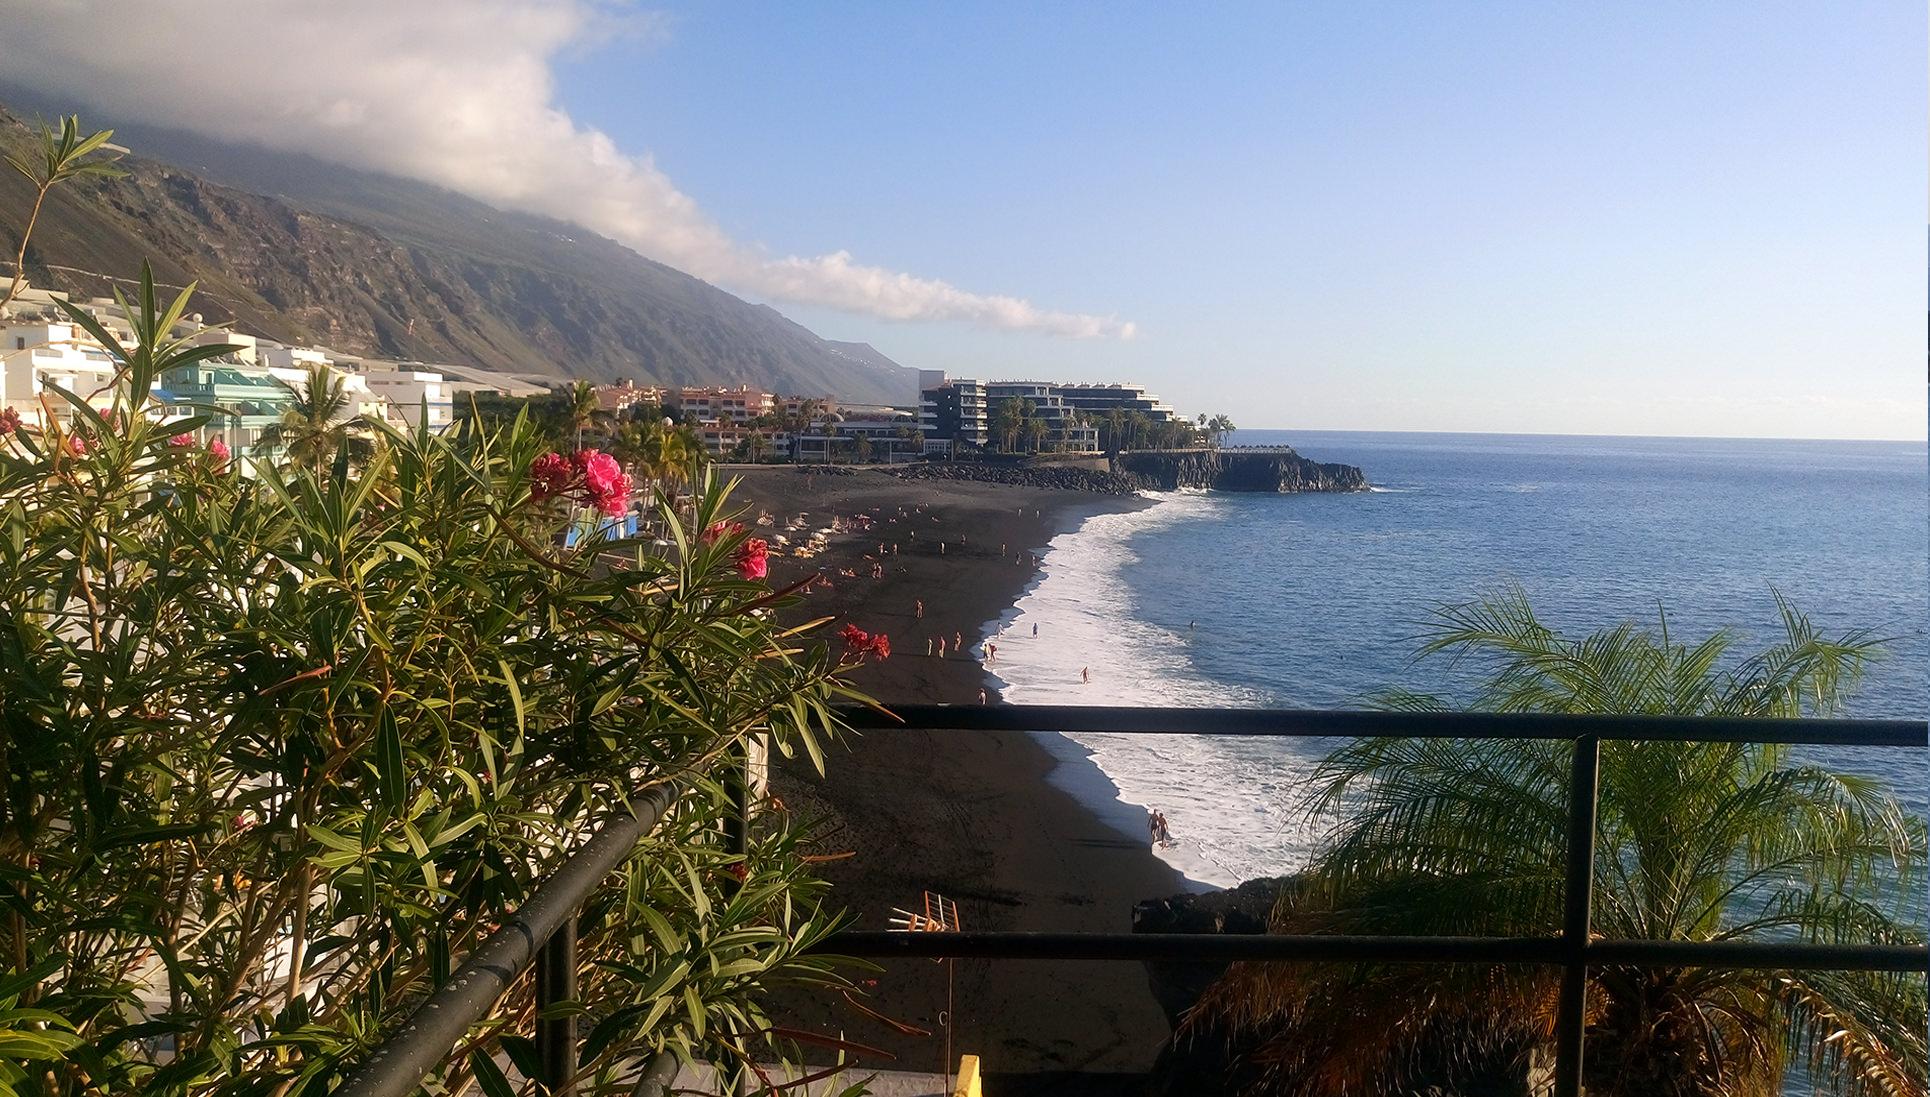 le spiaggie più belle de la Palma Canarie puerto-naos